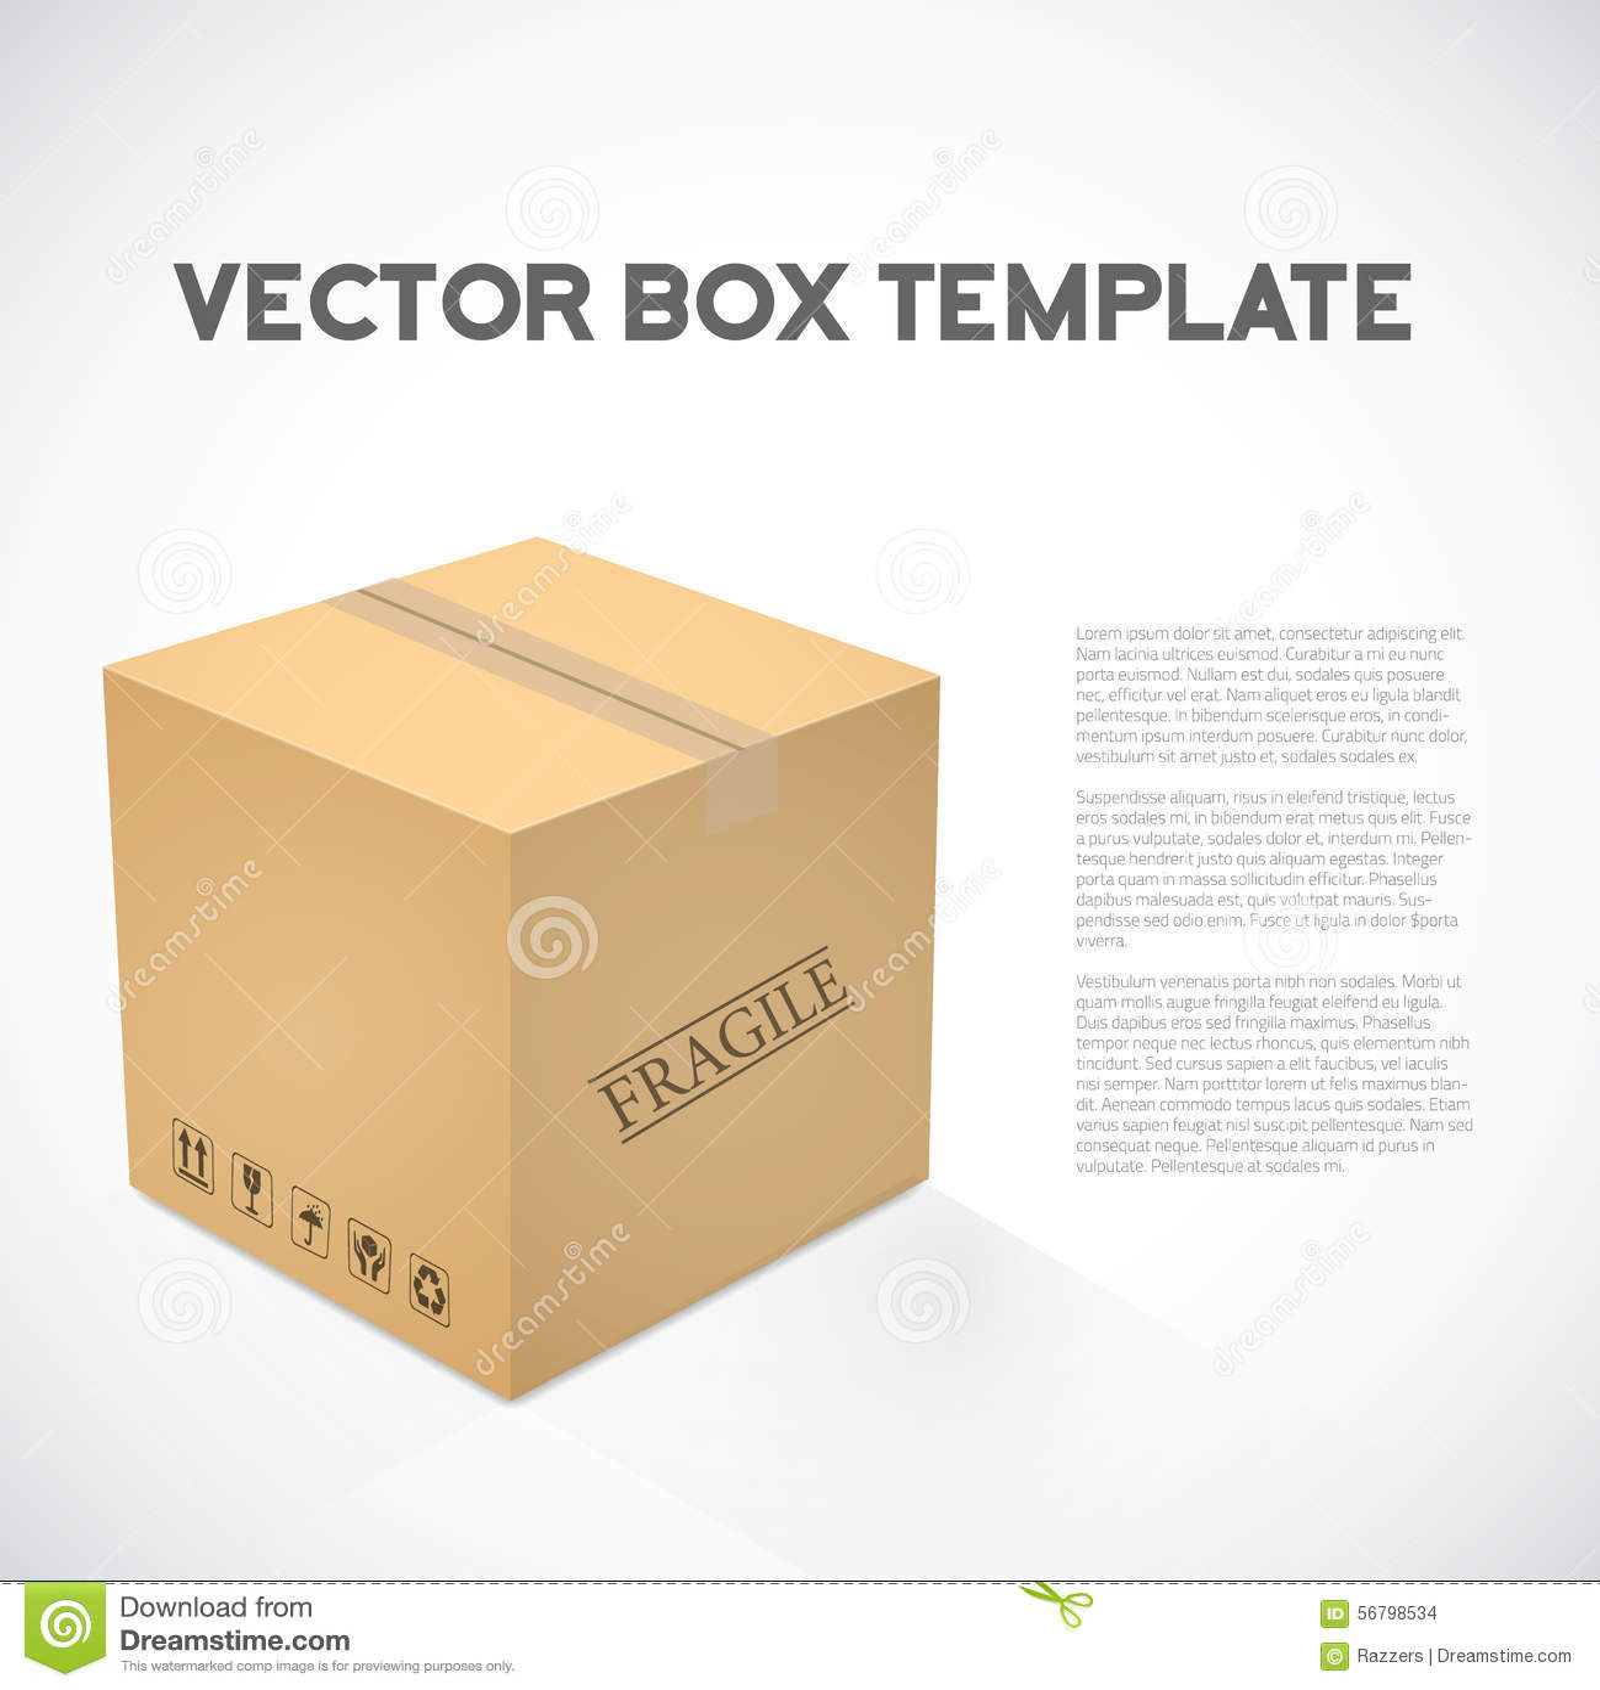 Icône réaliste de boîte de dispositif de transports maritimes de cube en vecteur 3D